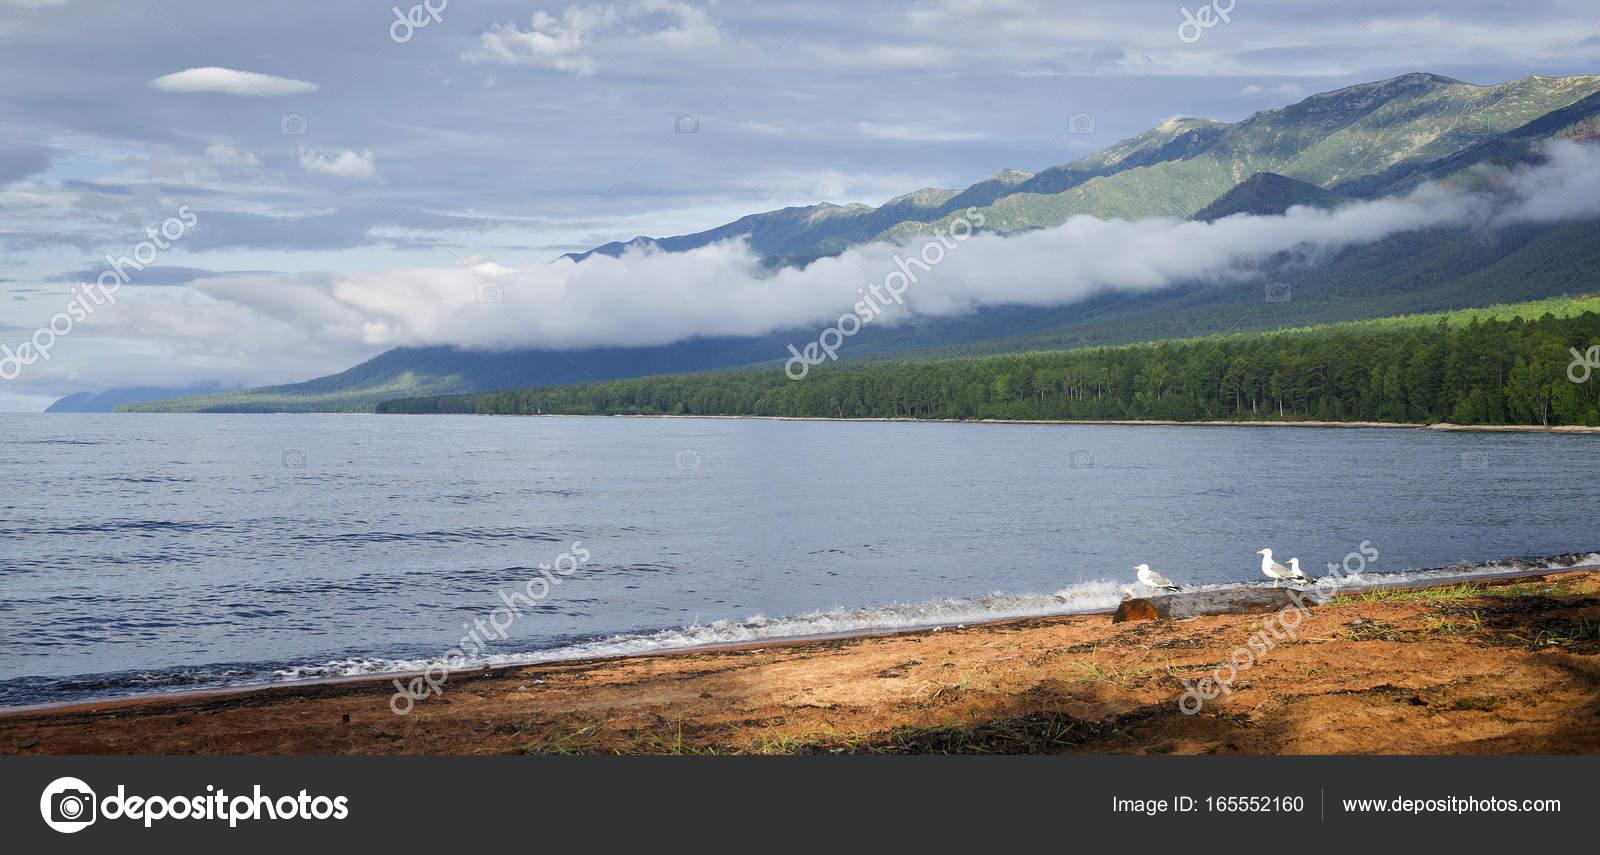 Chivyrkuisky Bay on Lake Baikal 57